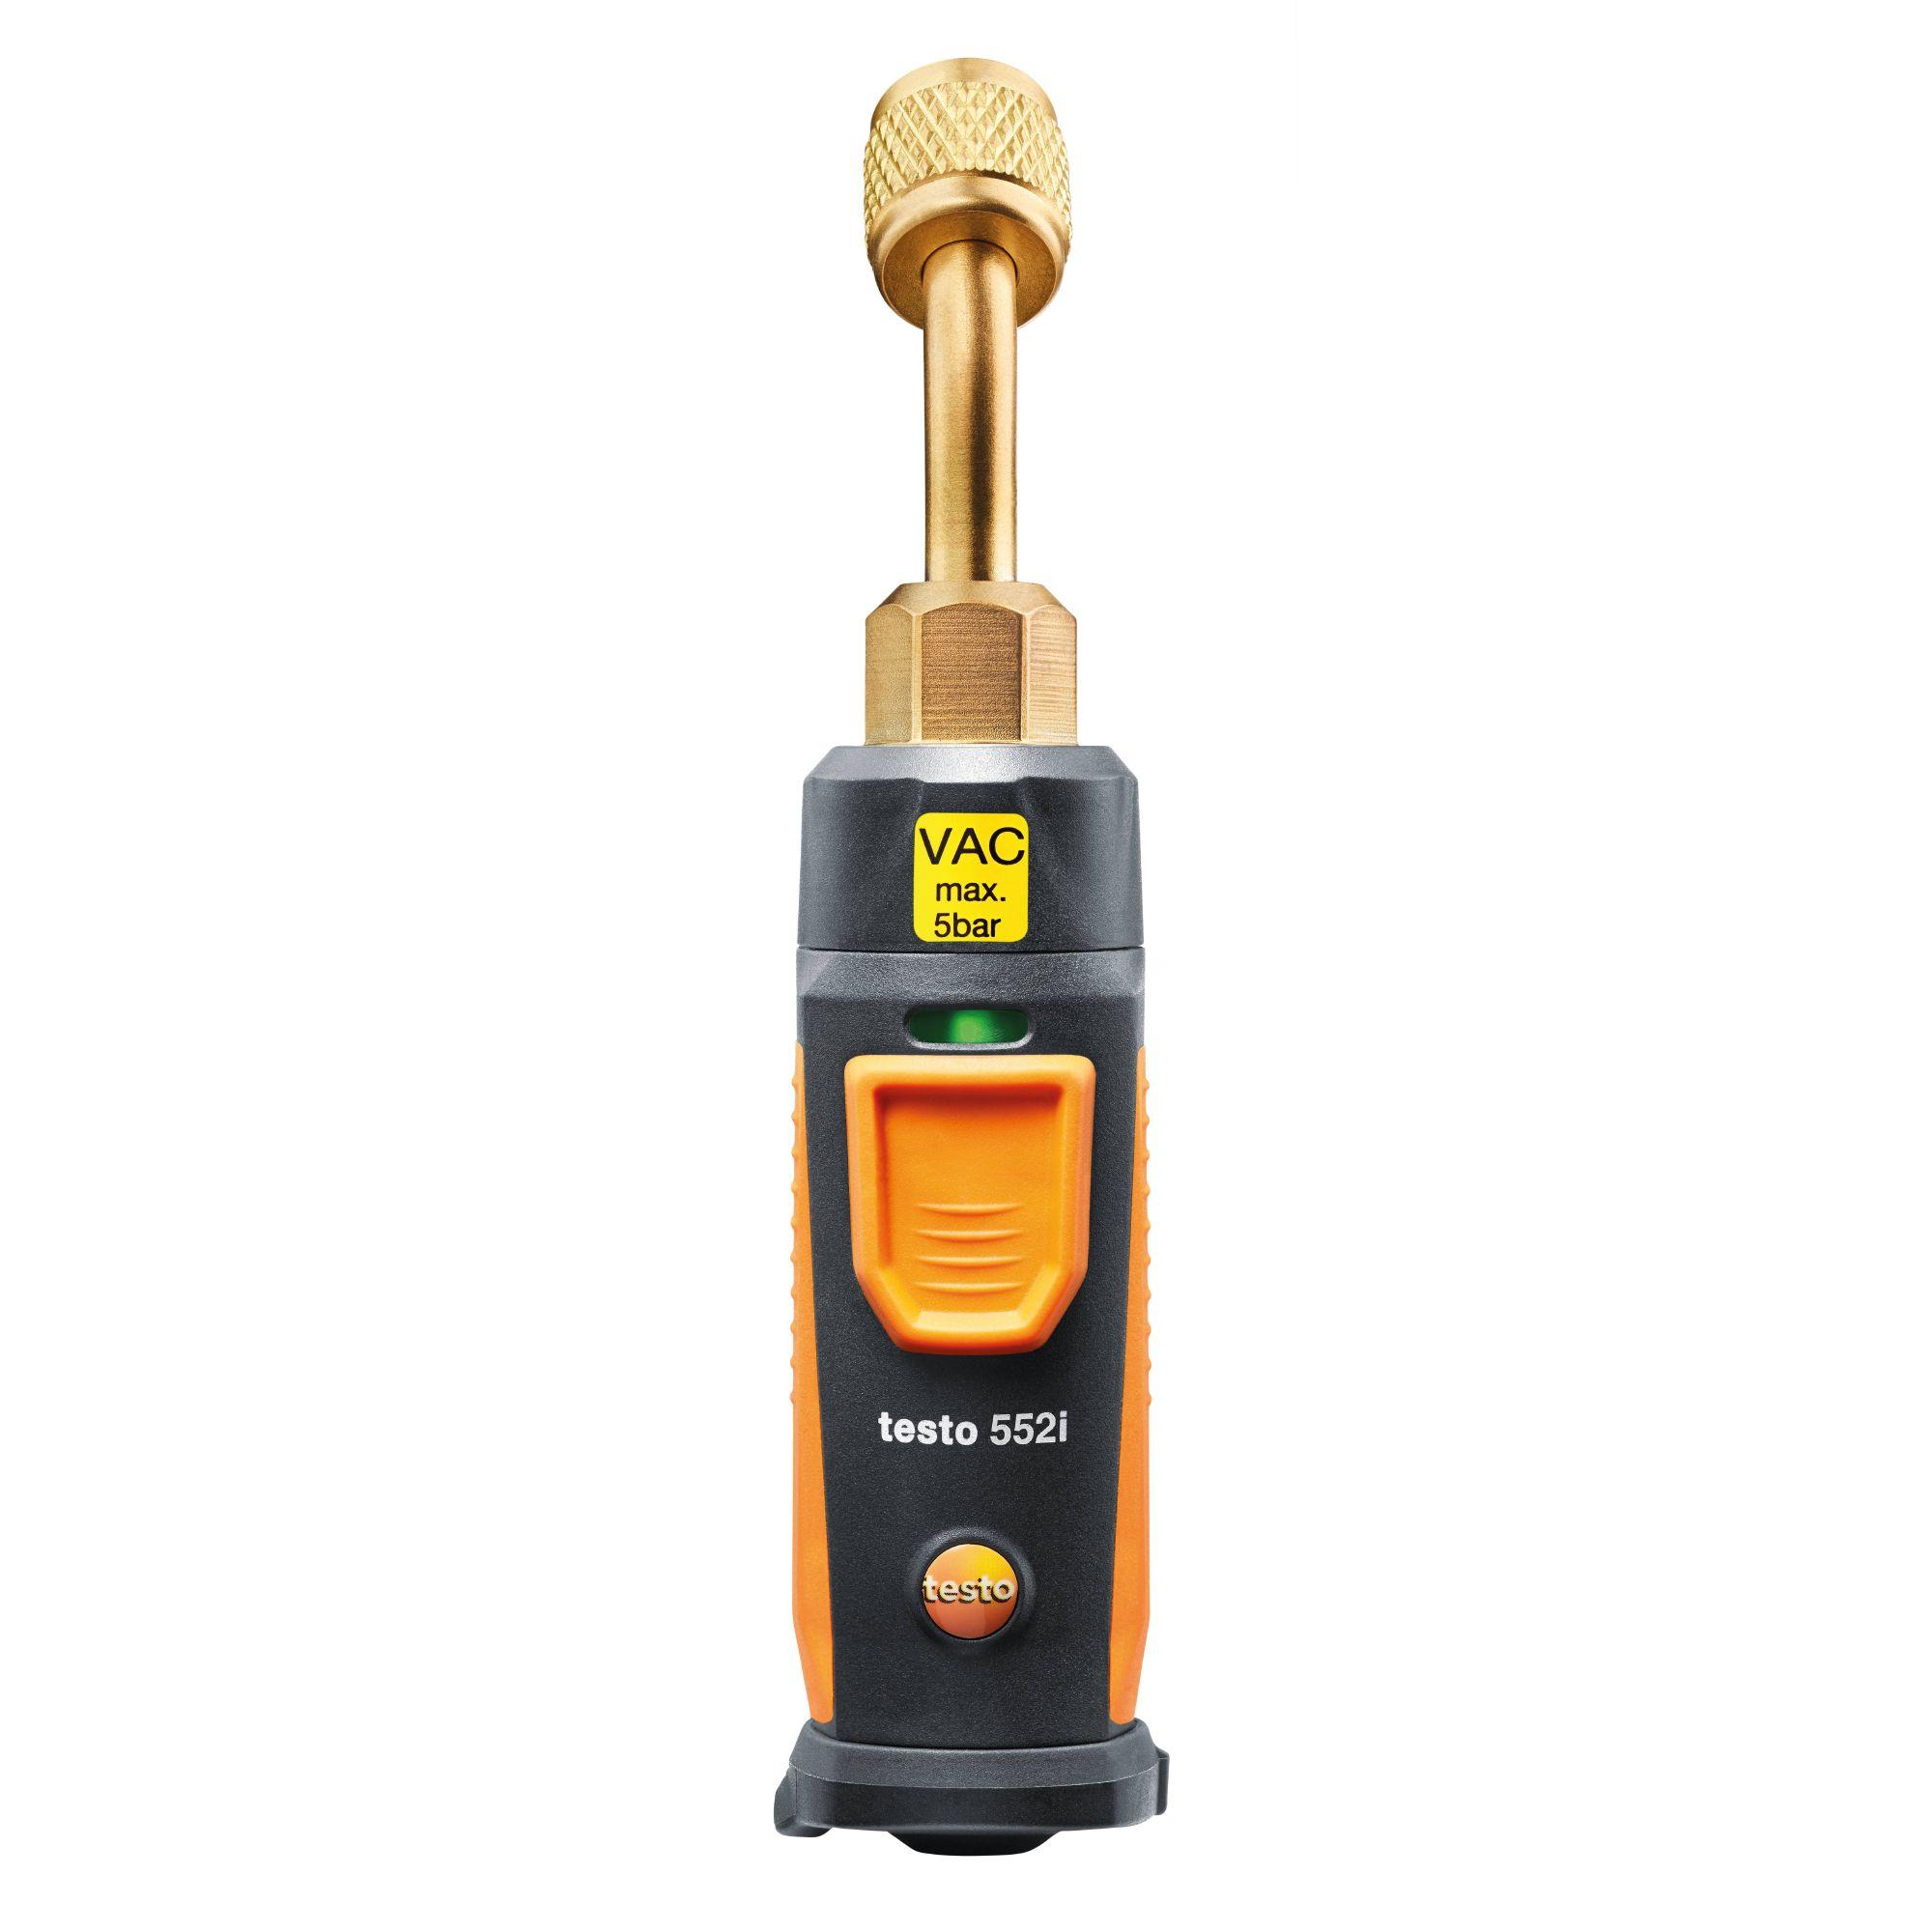 Vacuômetro Digital controlado por App Testo 552I